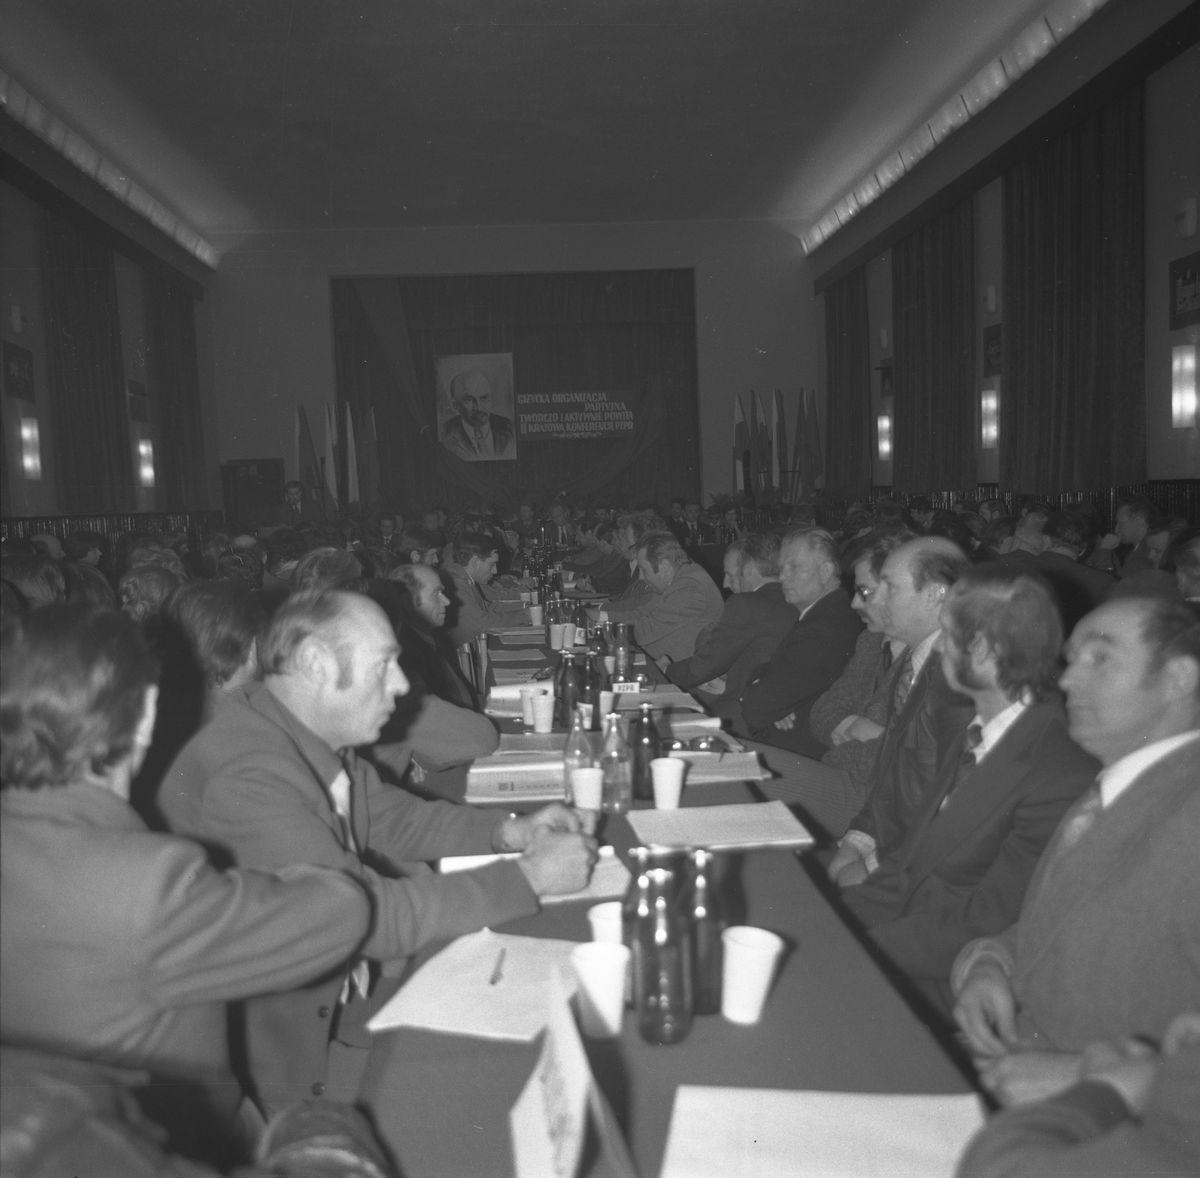 Konferencja sprawozdawczo-wyborcza PZPR [2]